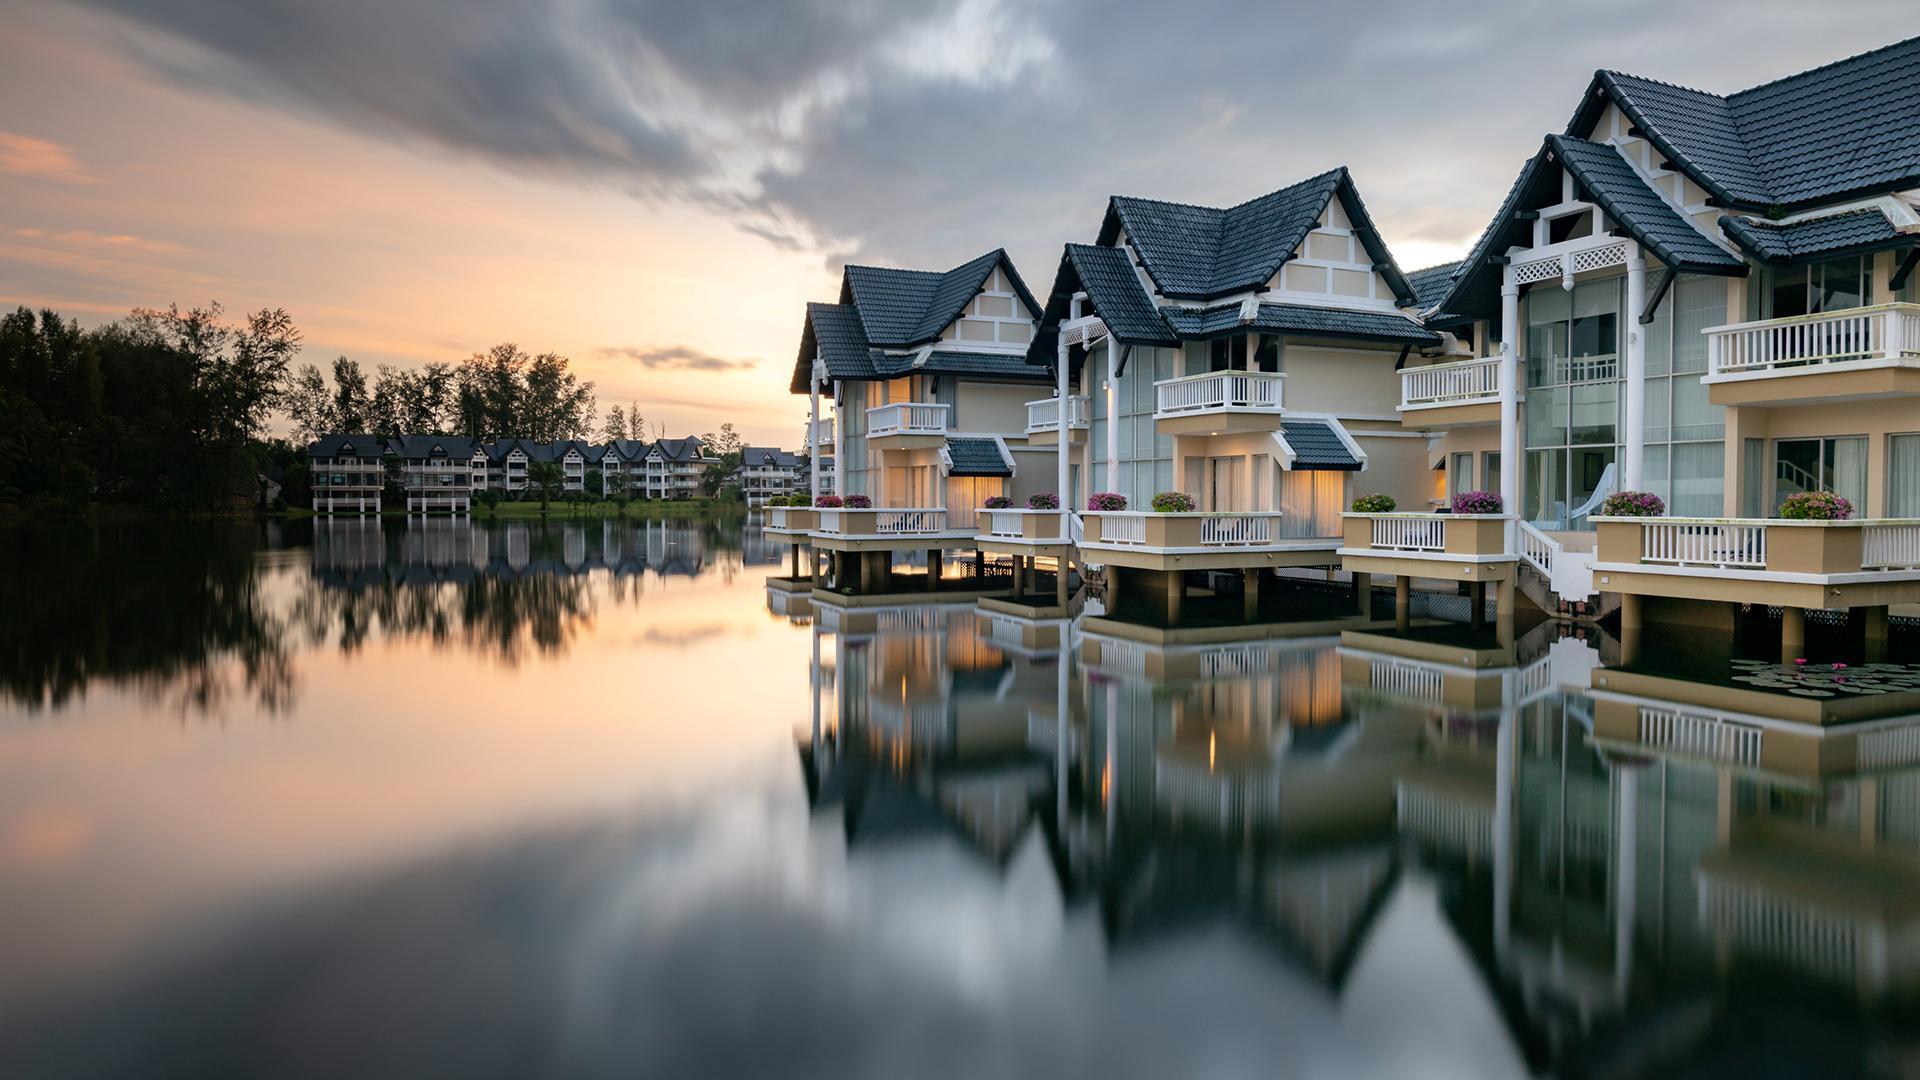 Angsana One Bedroom Loft image 1 at Angsana Laguna Phuket by Amphoe Thalang, Chang Wat Phuket, Thailand